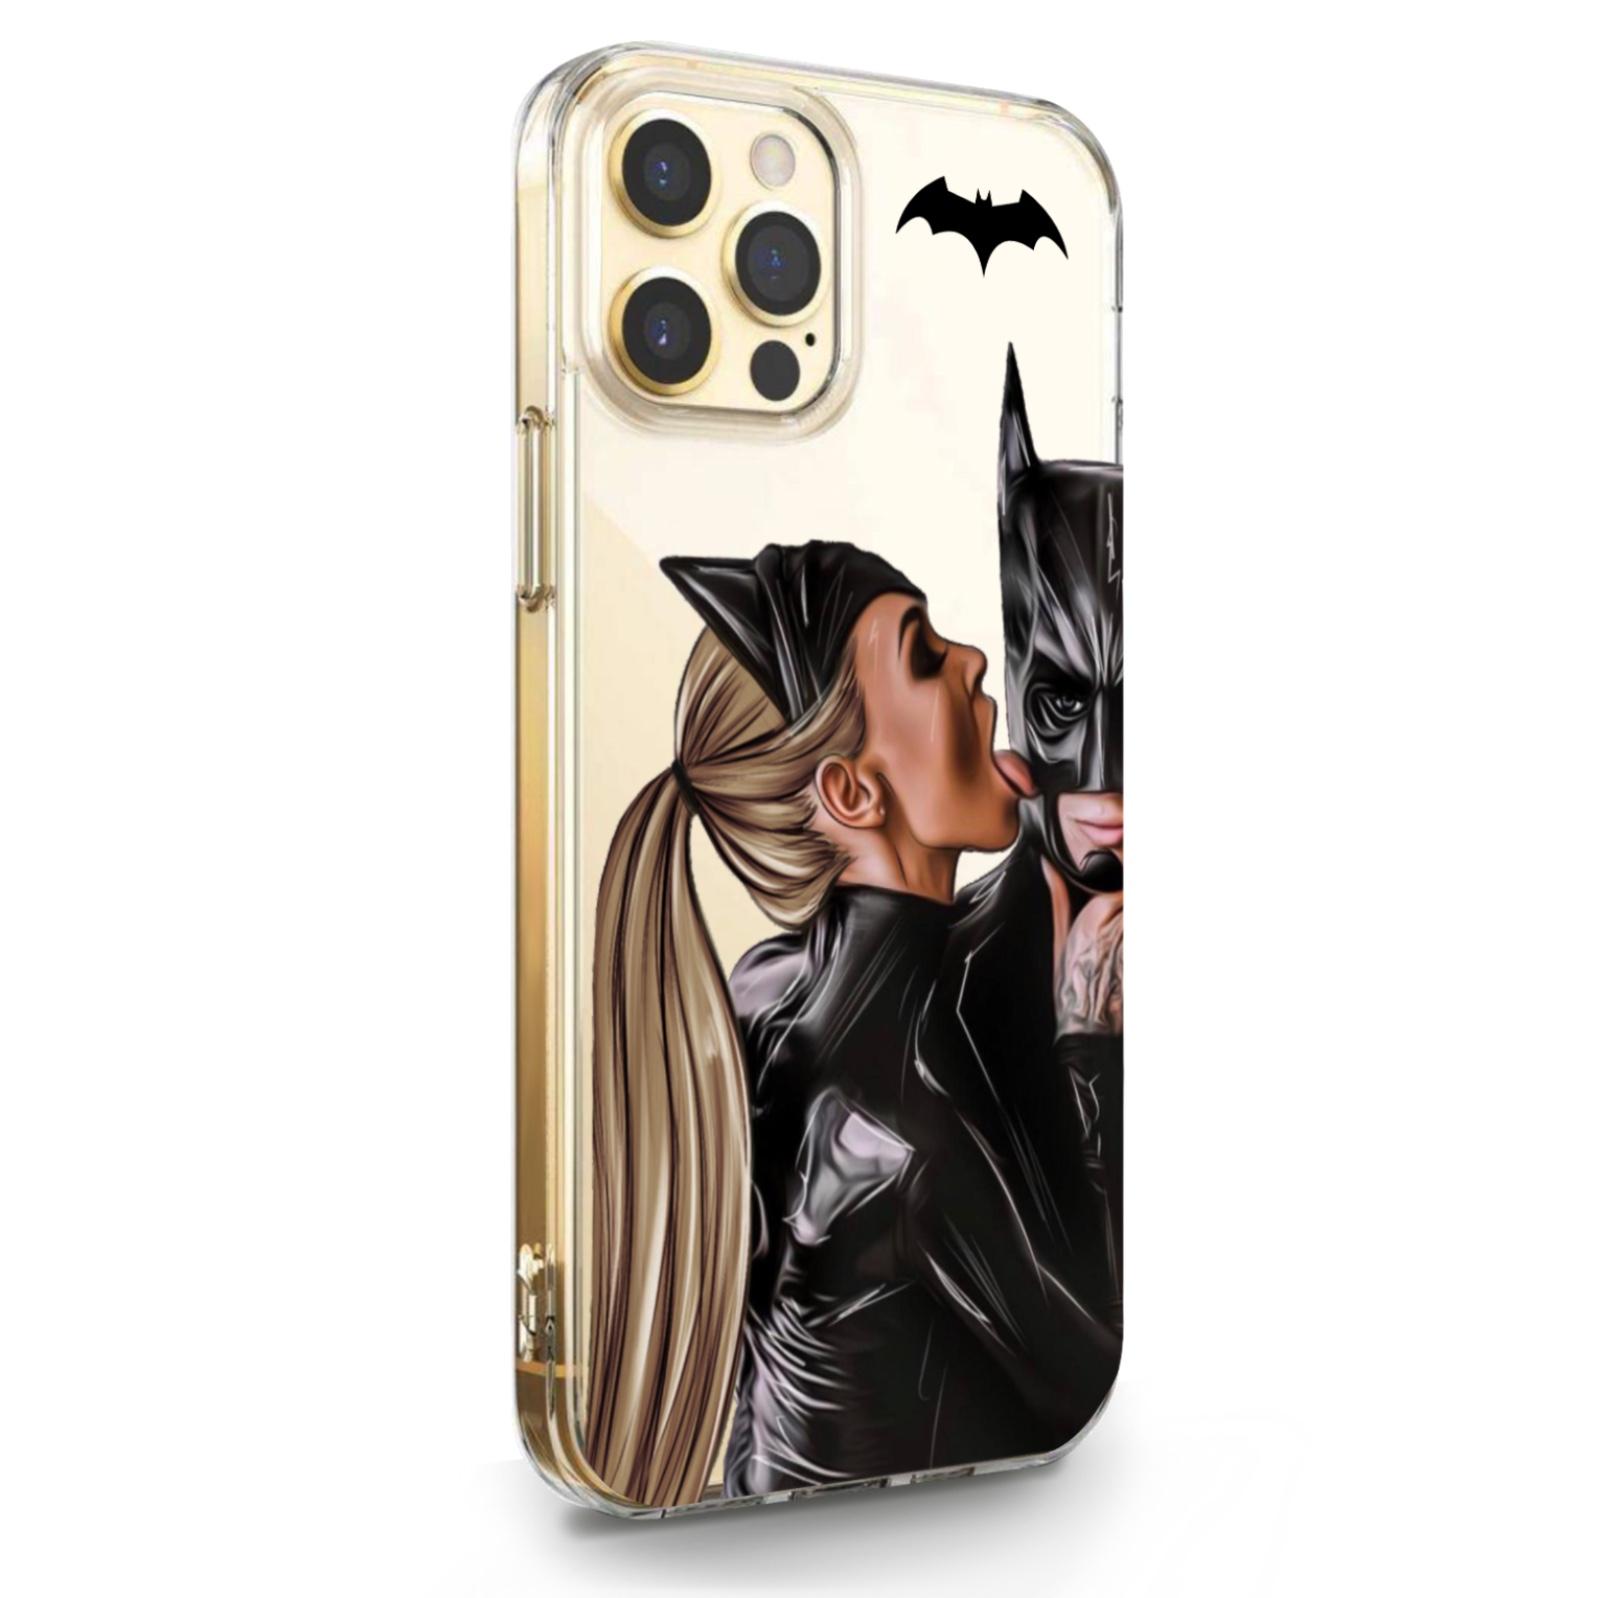 Прозрачный силиконовый чехол для iPhone 12/12 Pro Cat Woman/ Женщина кошка Русая для Айфон 12/12 Про